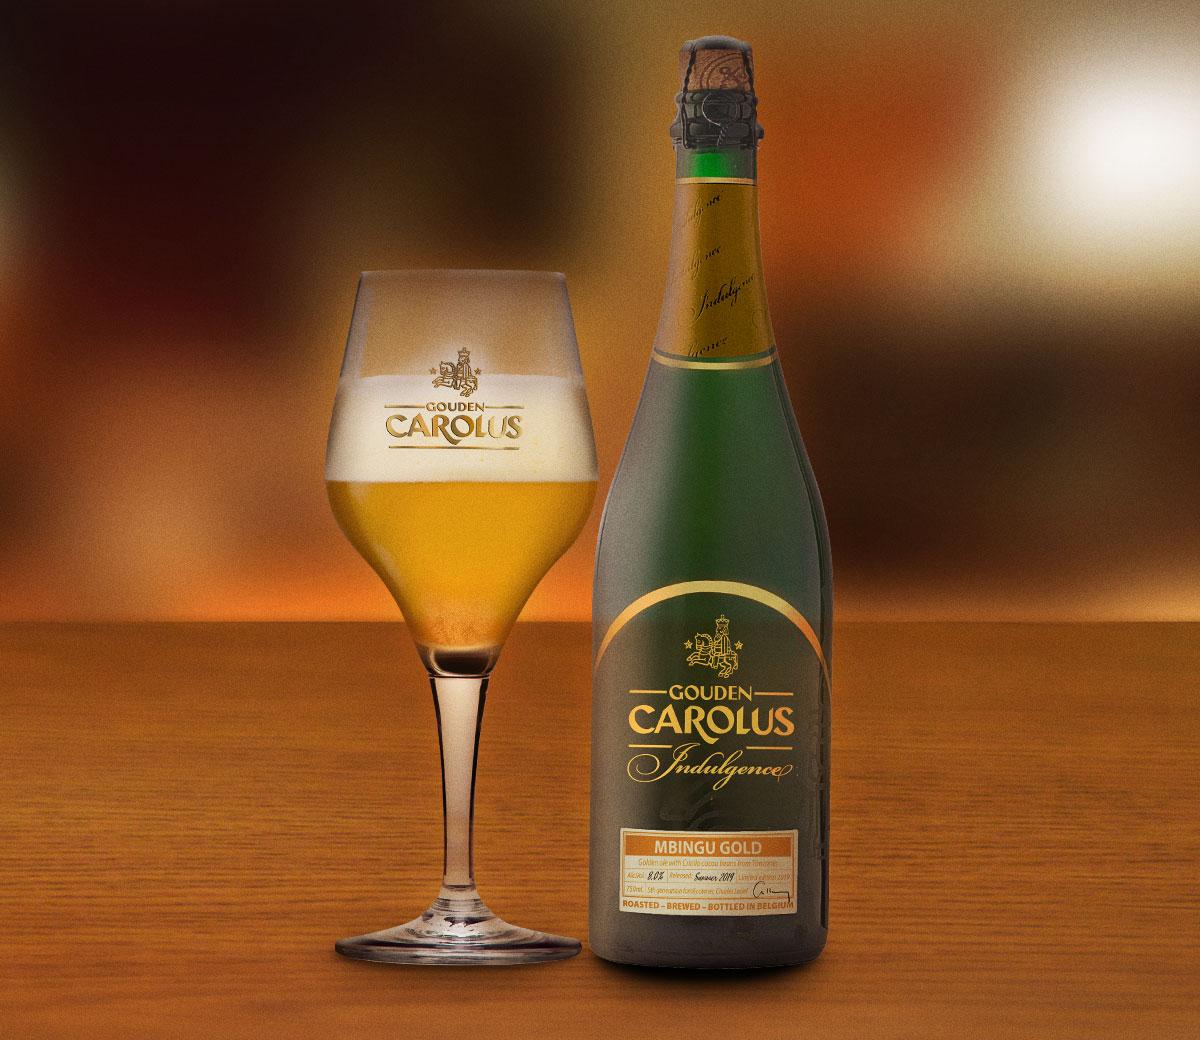 Gouden Carolus Indulgence 2019 – Mbingu Gold met glas